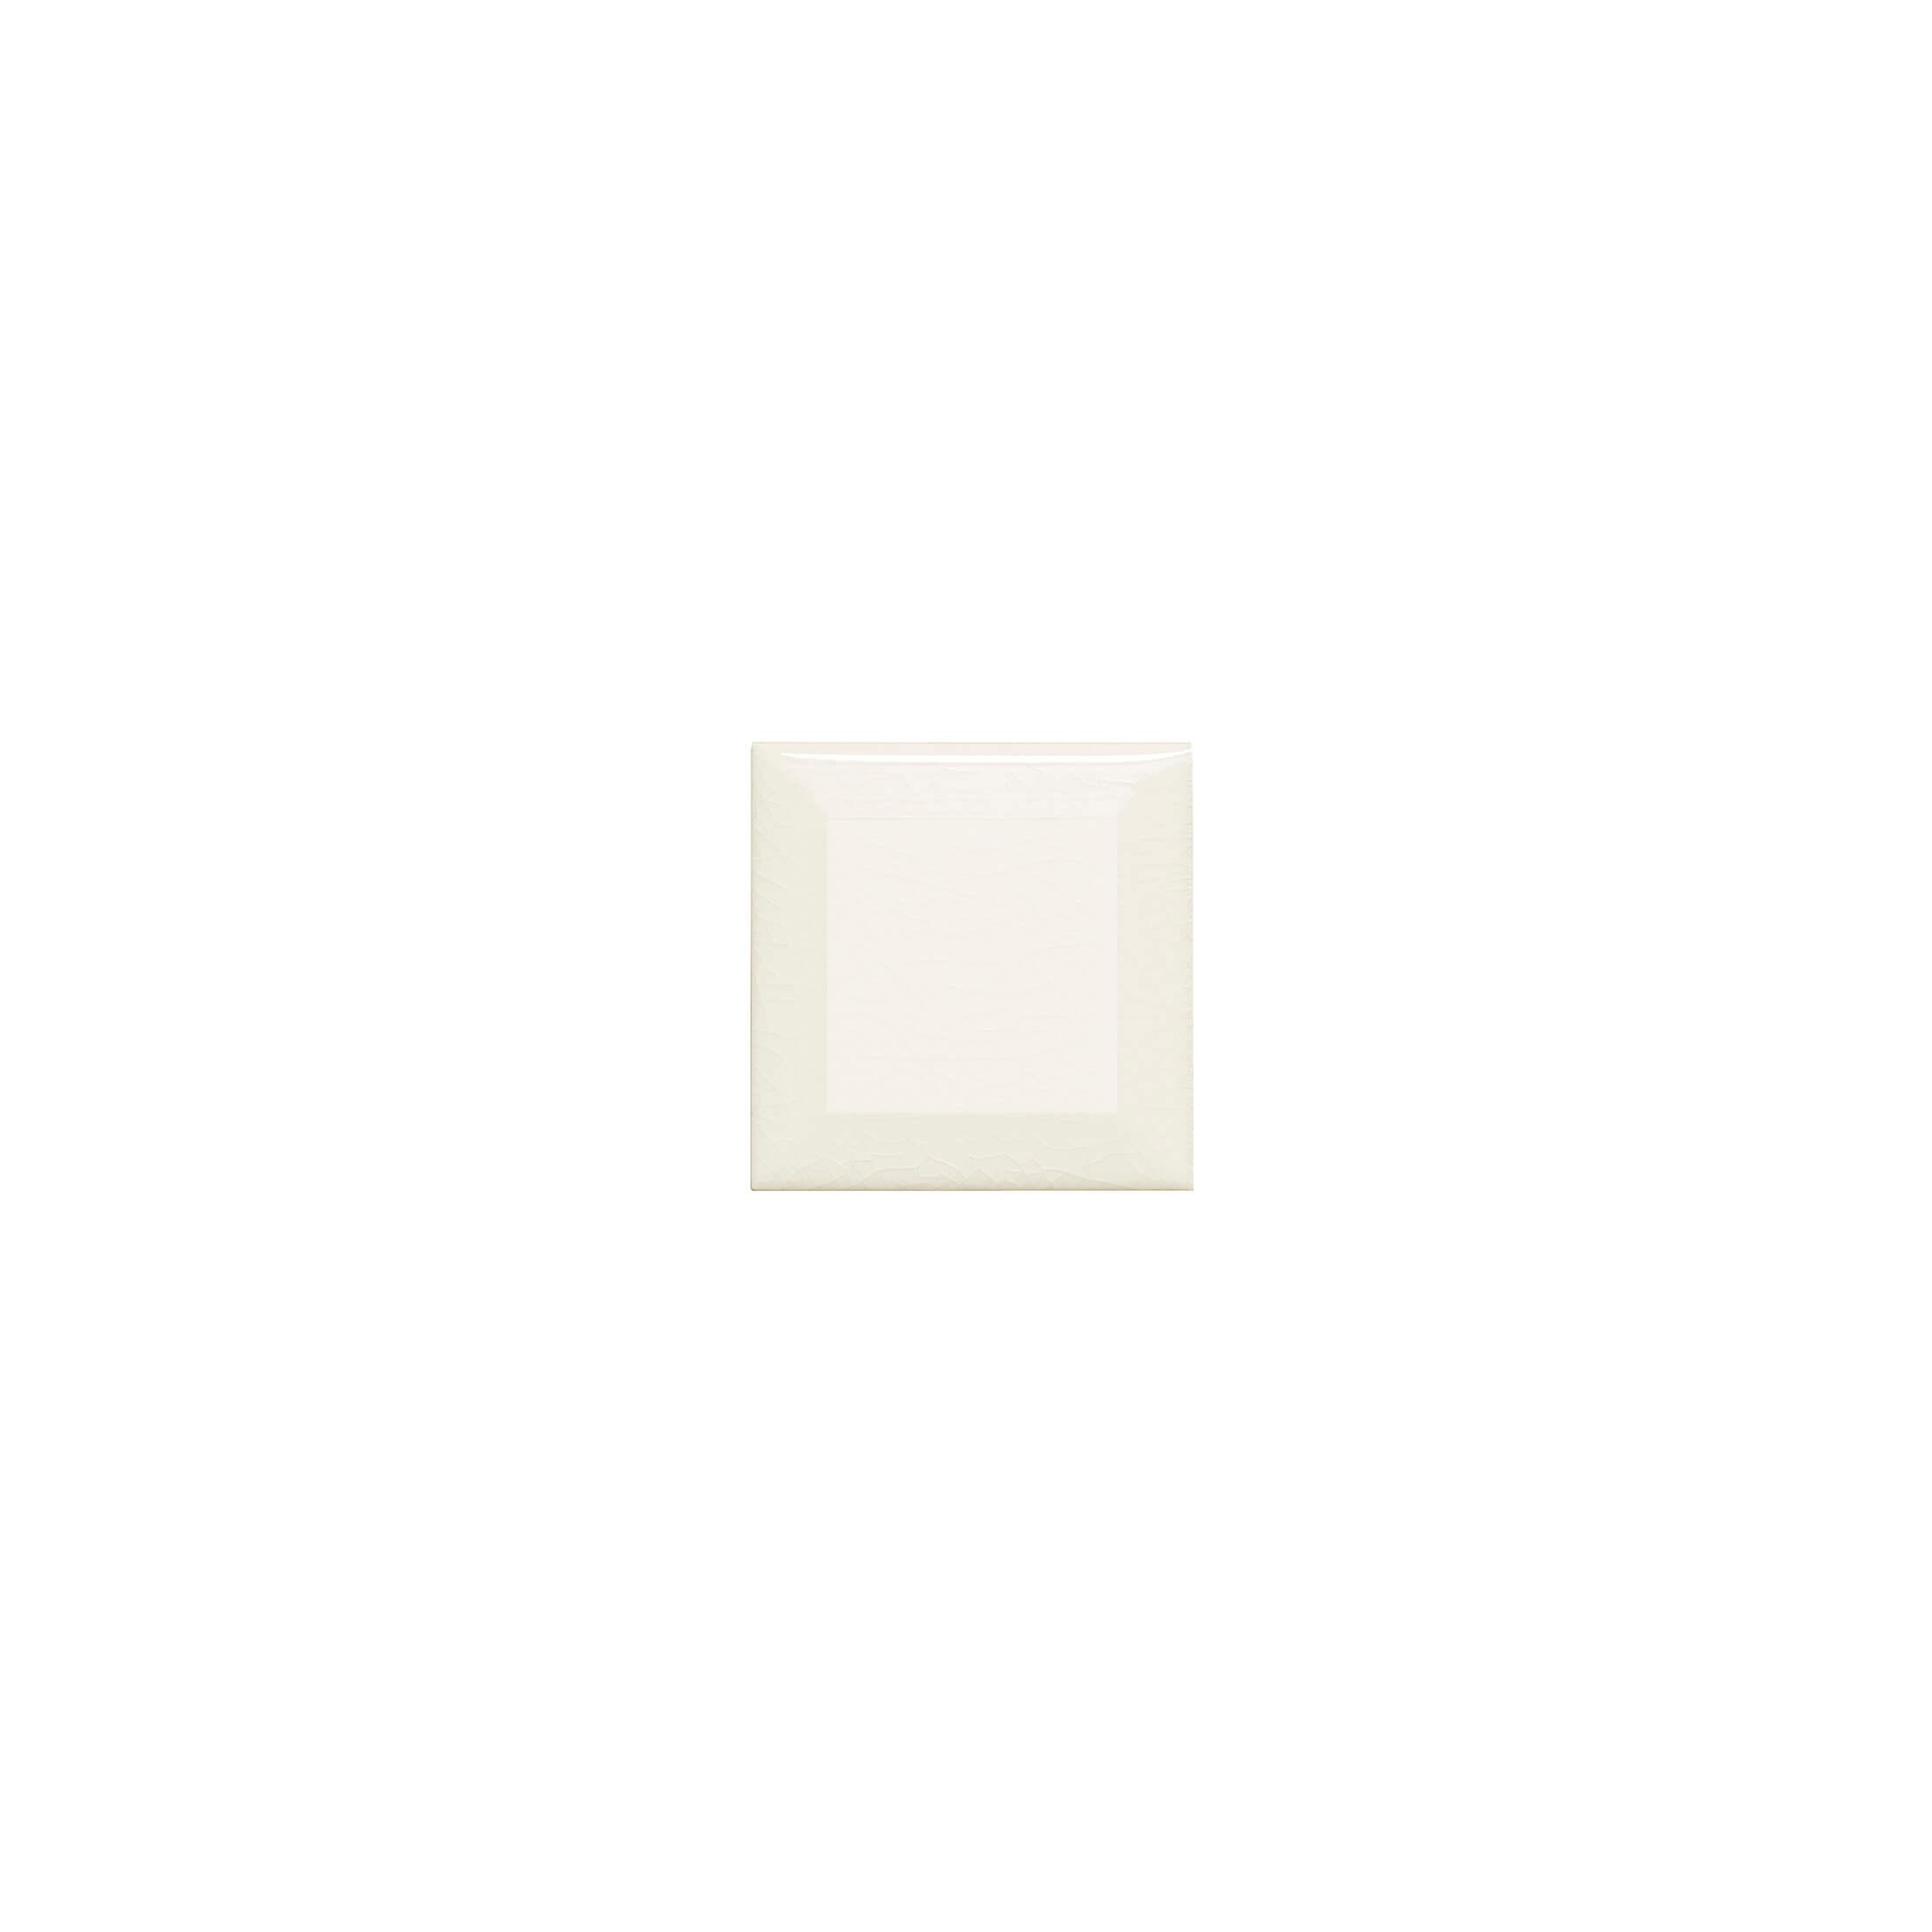 ADMO2026 - BISELADO PB C/C - 7.5 cm X 7.5 cm